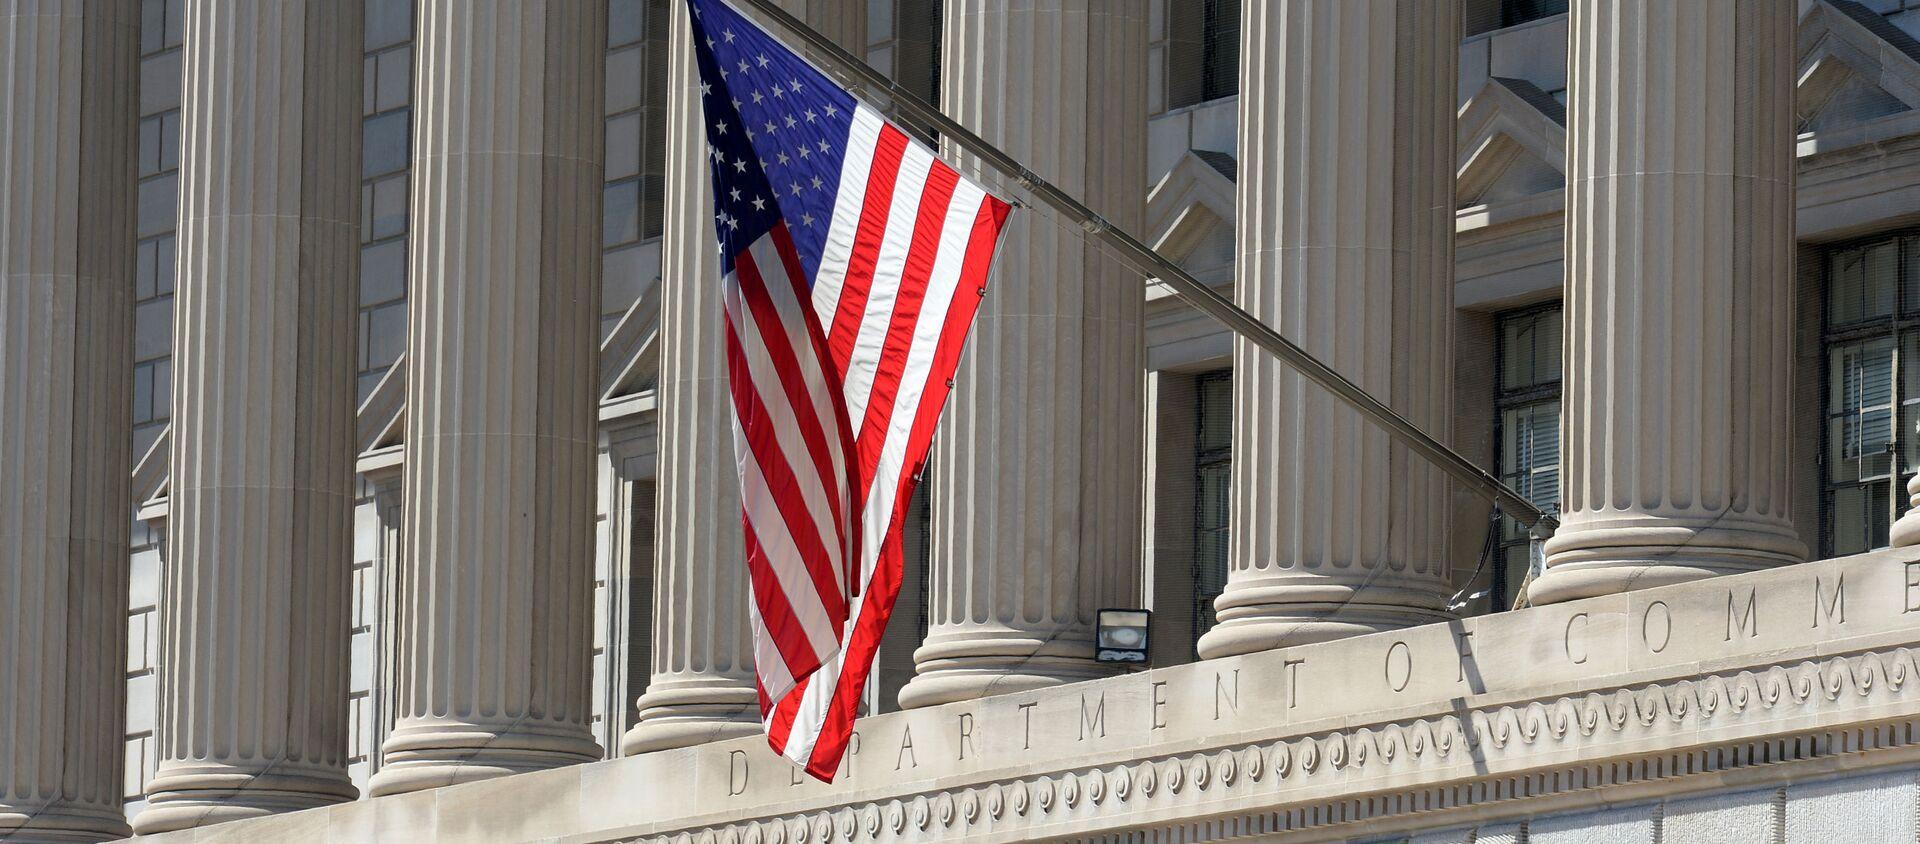 Quốc kỳ Mỹ trên tòa nhà Bộ thương mại đất nước - Sputnik Việt Nam, 1920, 22.11.2017